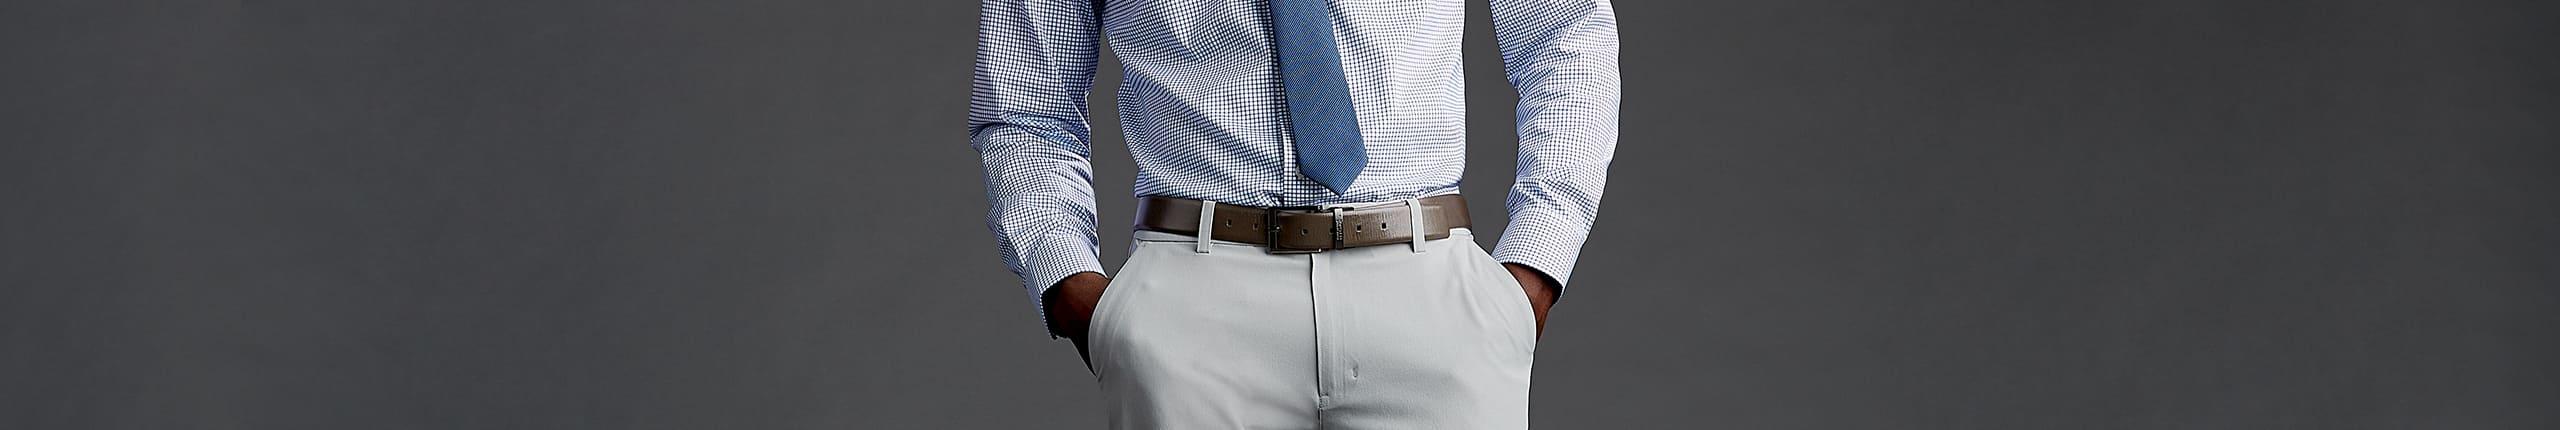 2560x430-subcategory-mens-shorts-pants.jpg